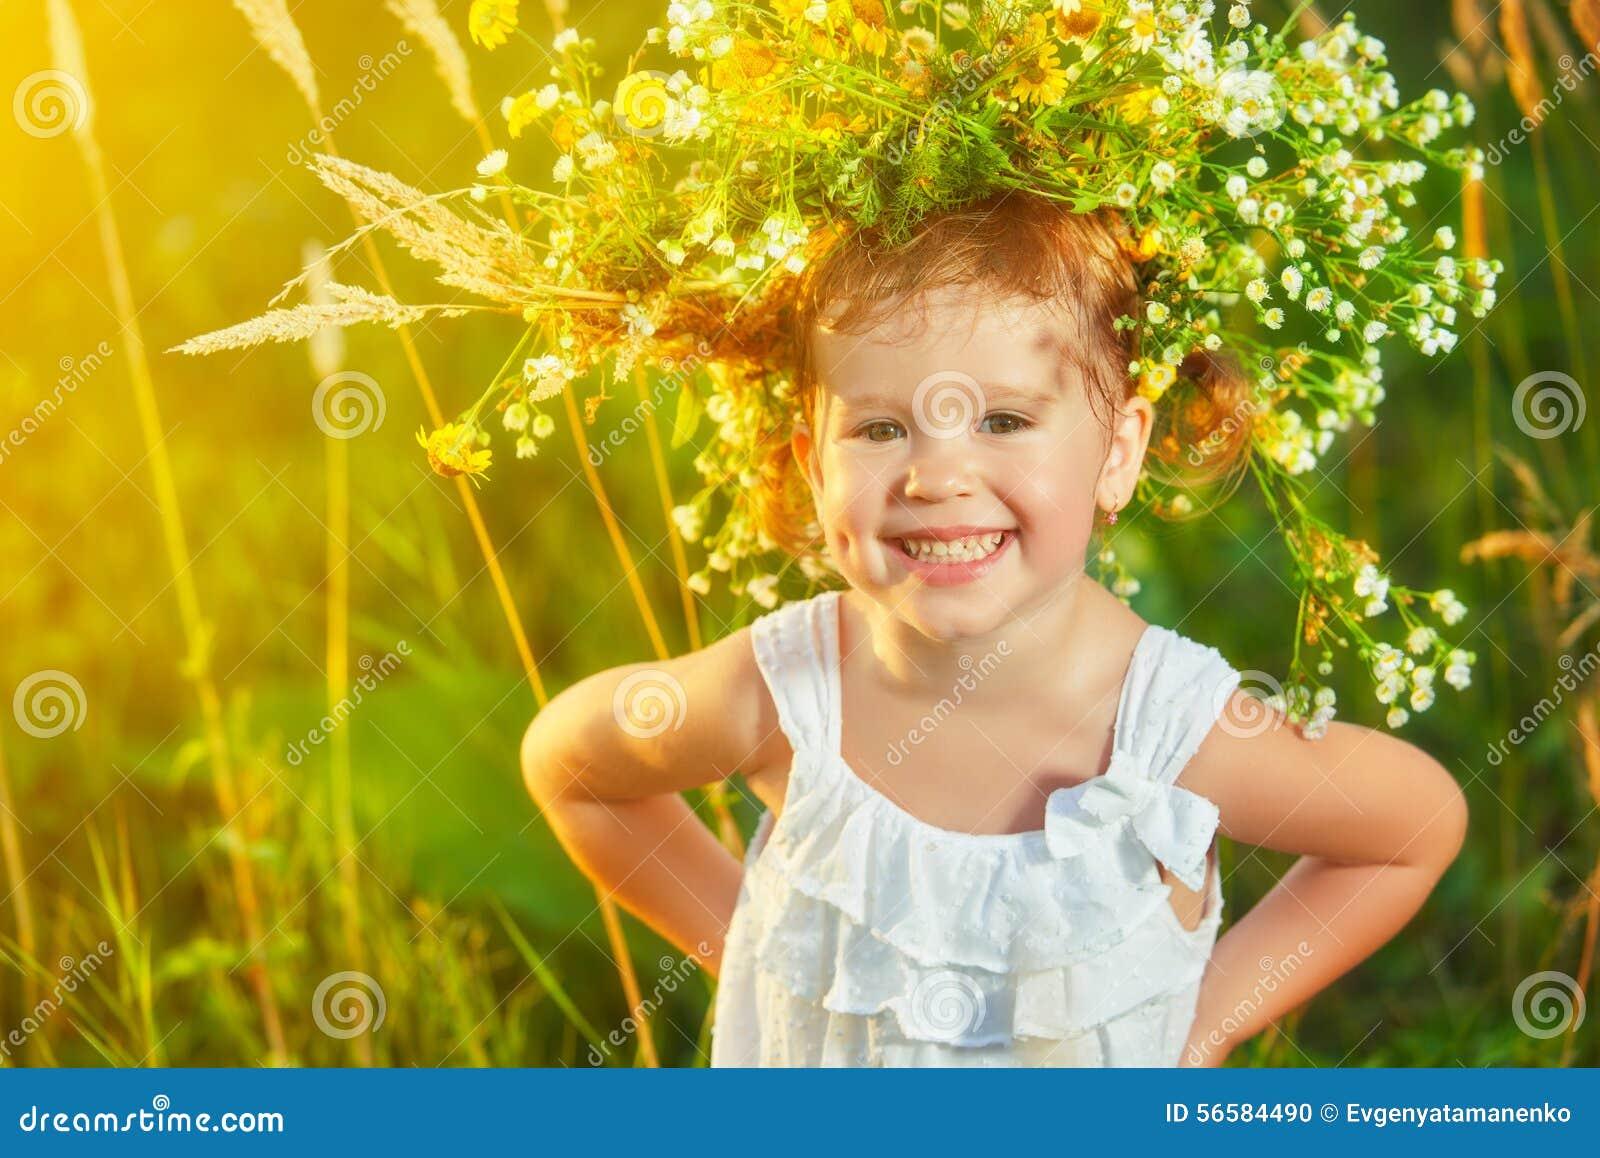 Lustiges glückliches Babykindermädchen in einem Kranz auf Natur lachend in SU